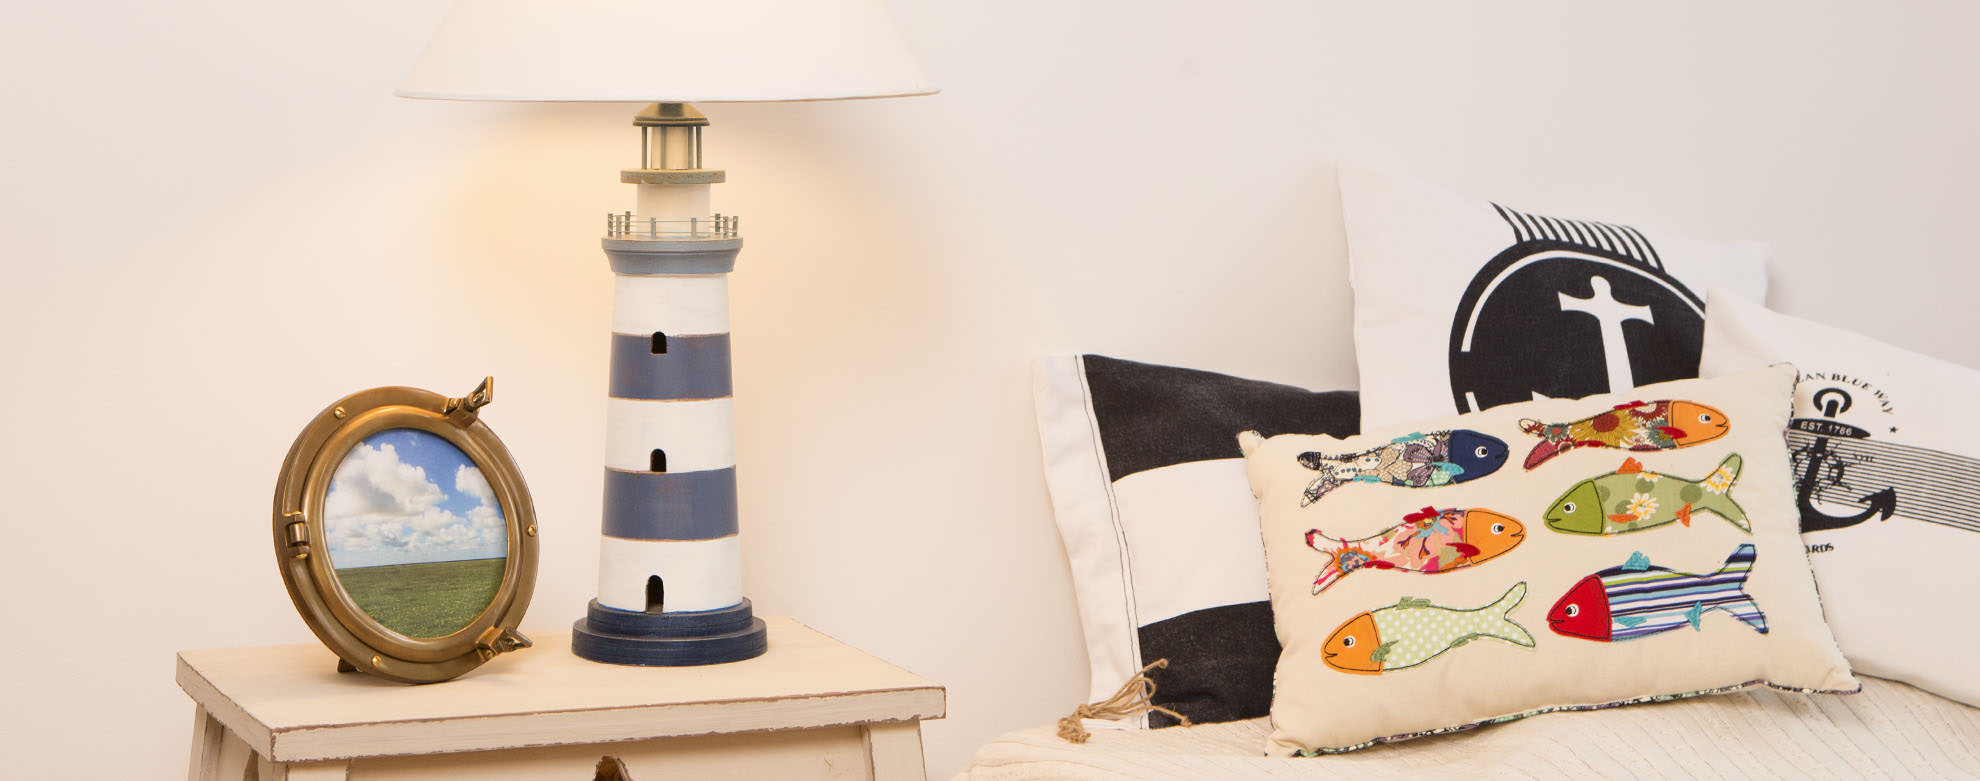 Leuchtturm Lampe